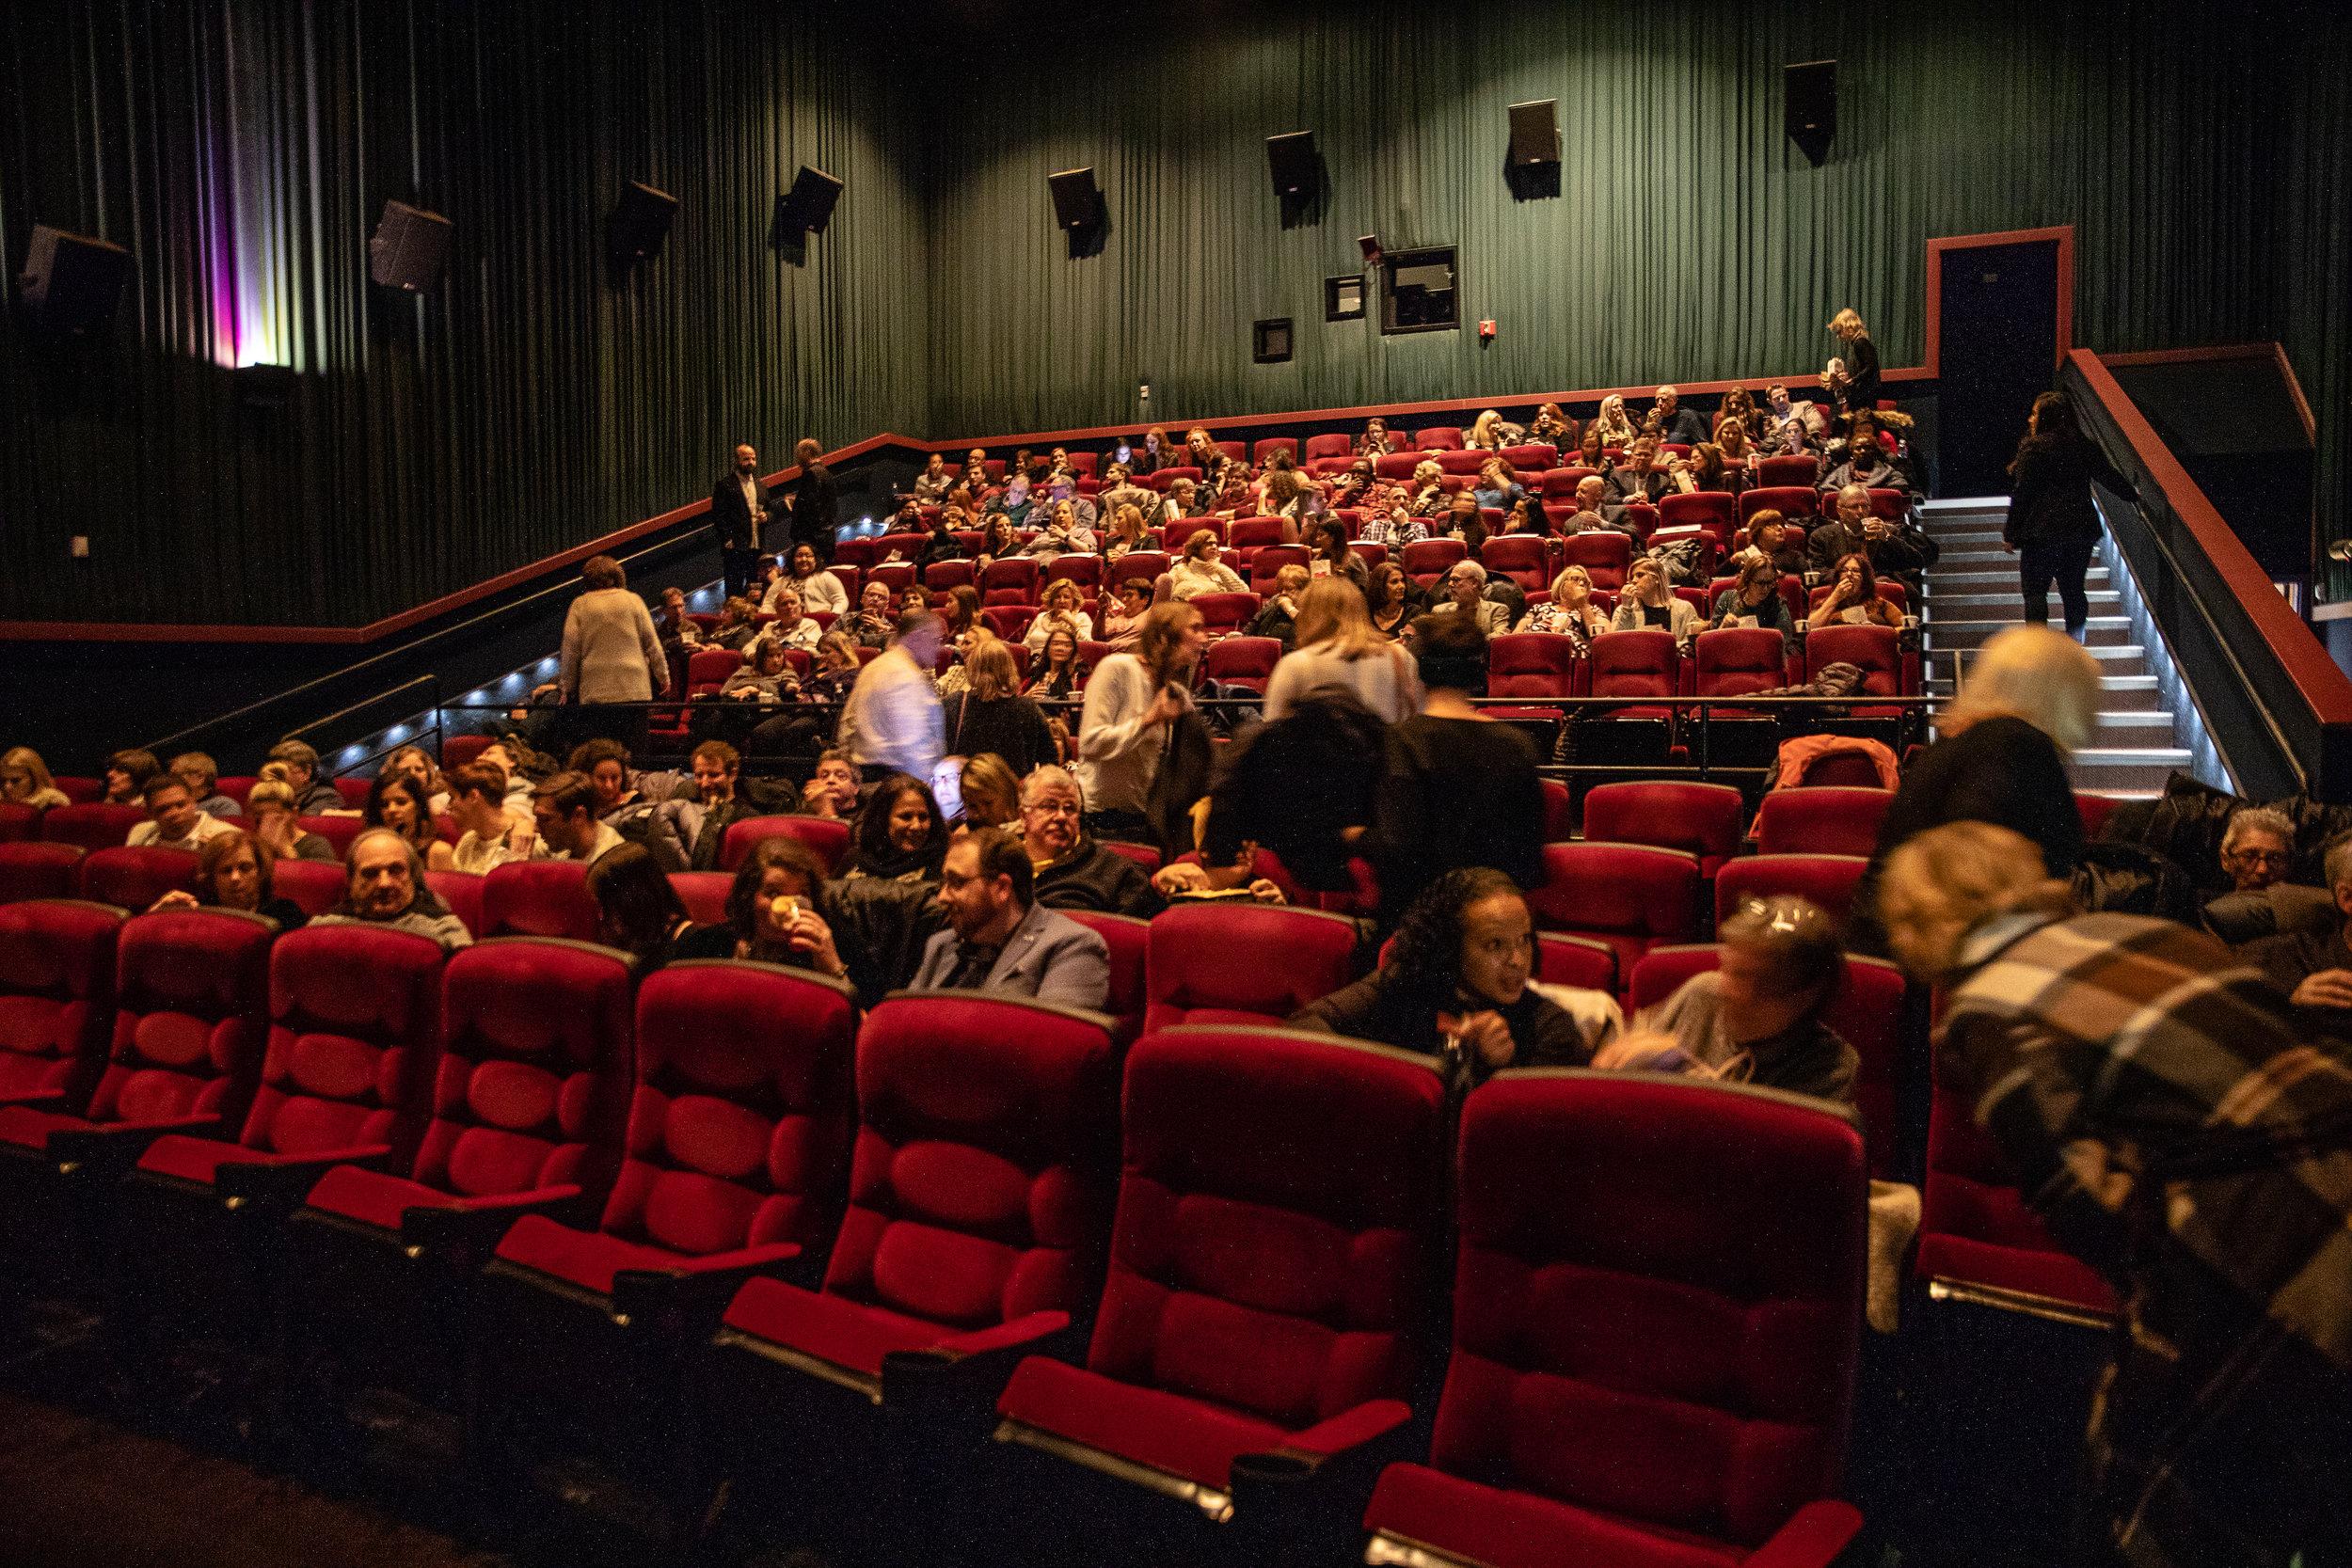 181112_Ginger_Screening_032.JPG